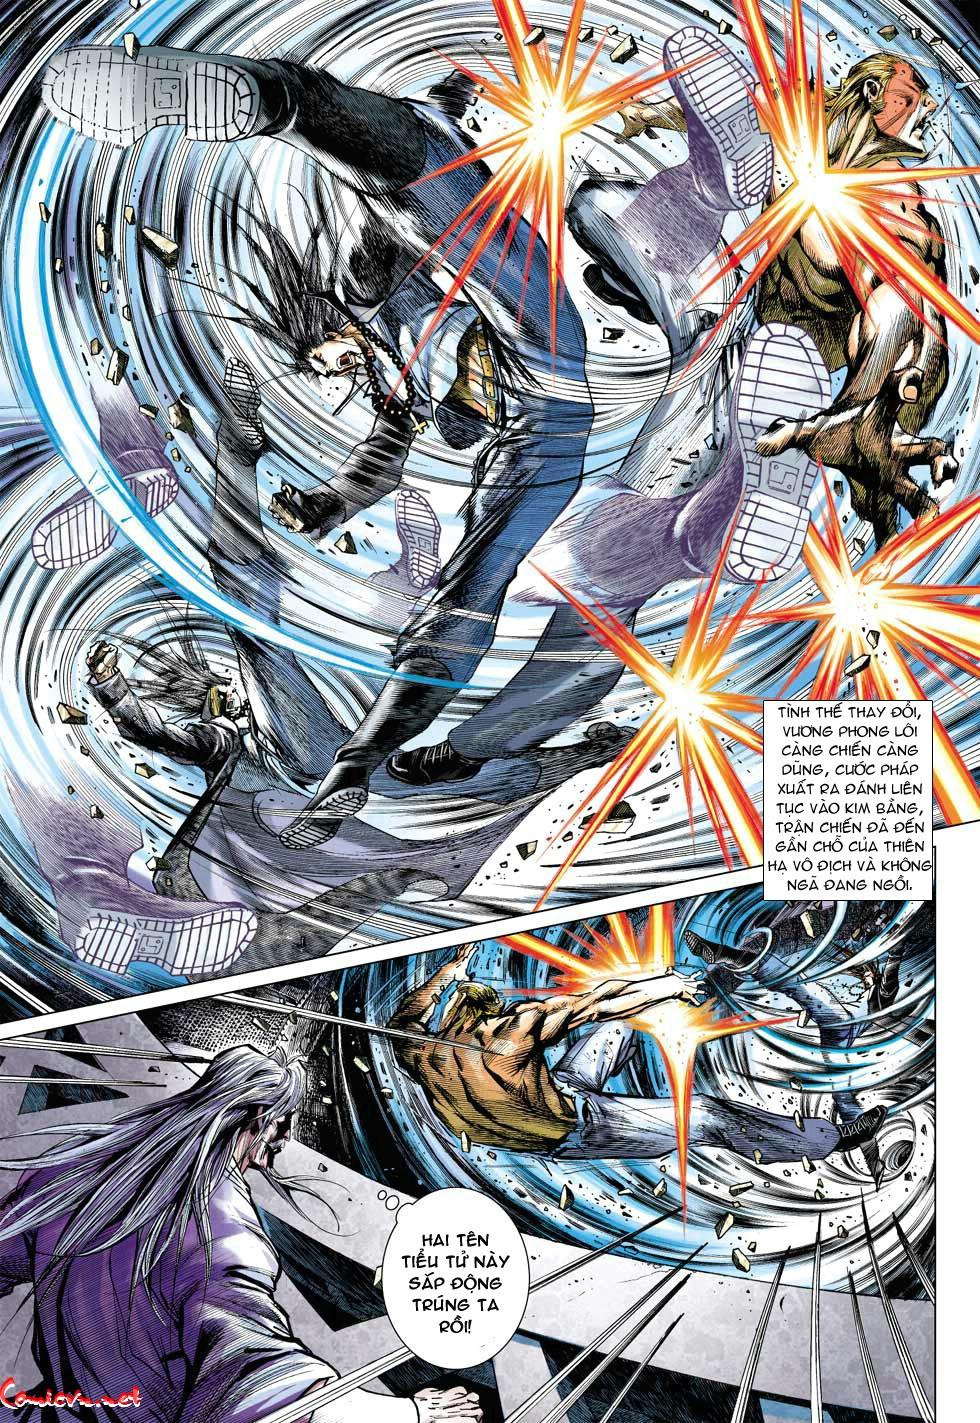 Vương Phong Lôi 1 chap 34 - Trang 11